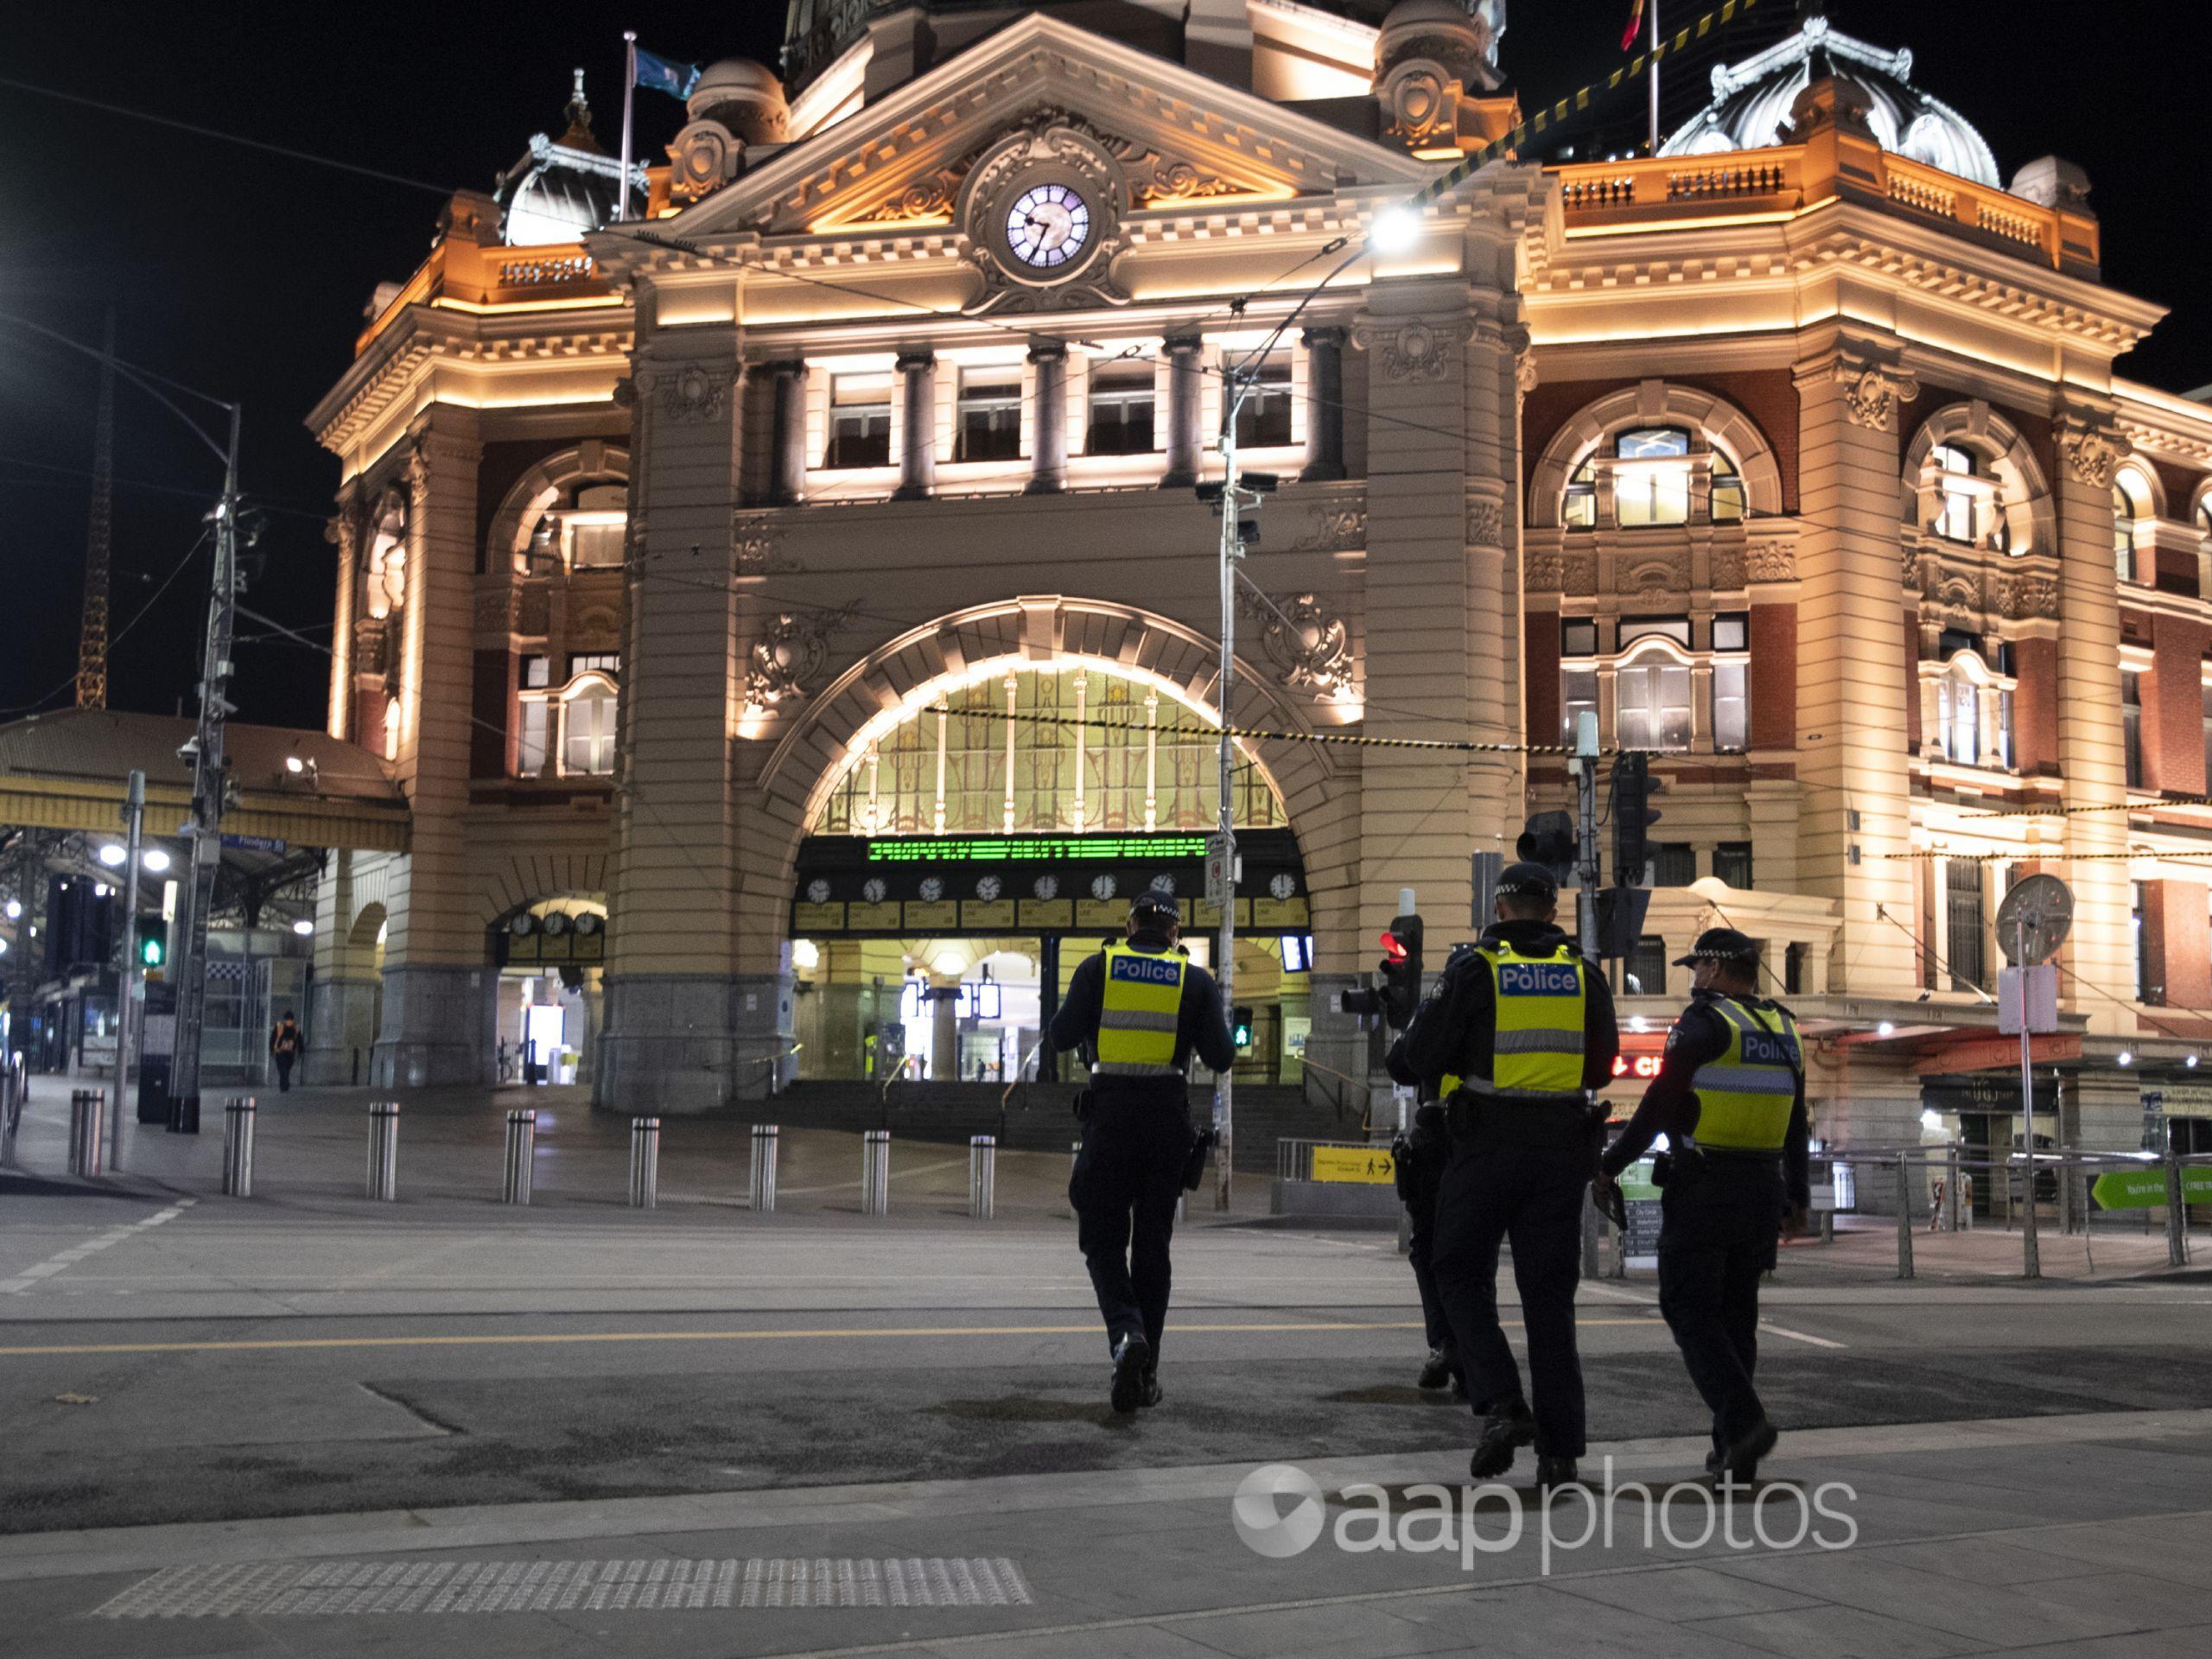 Police patrol Melbourne's Flinders Street station.